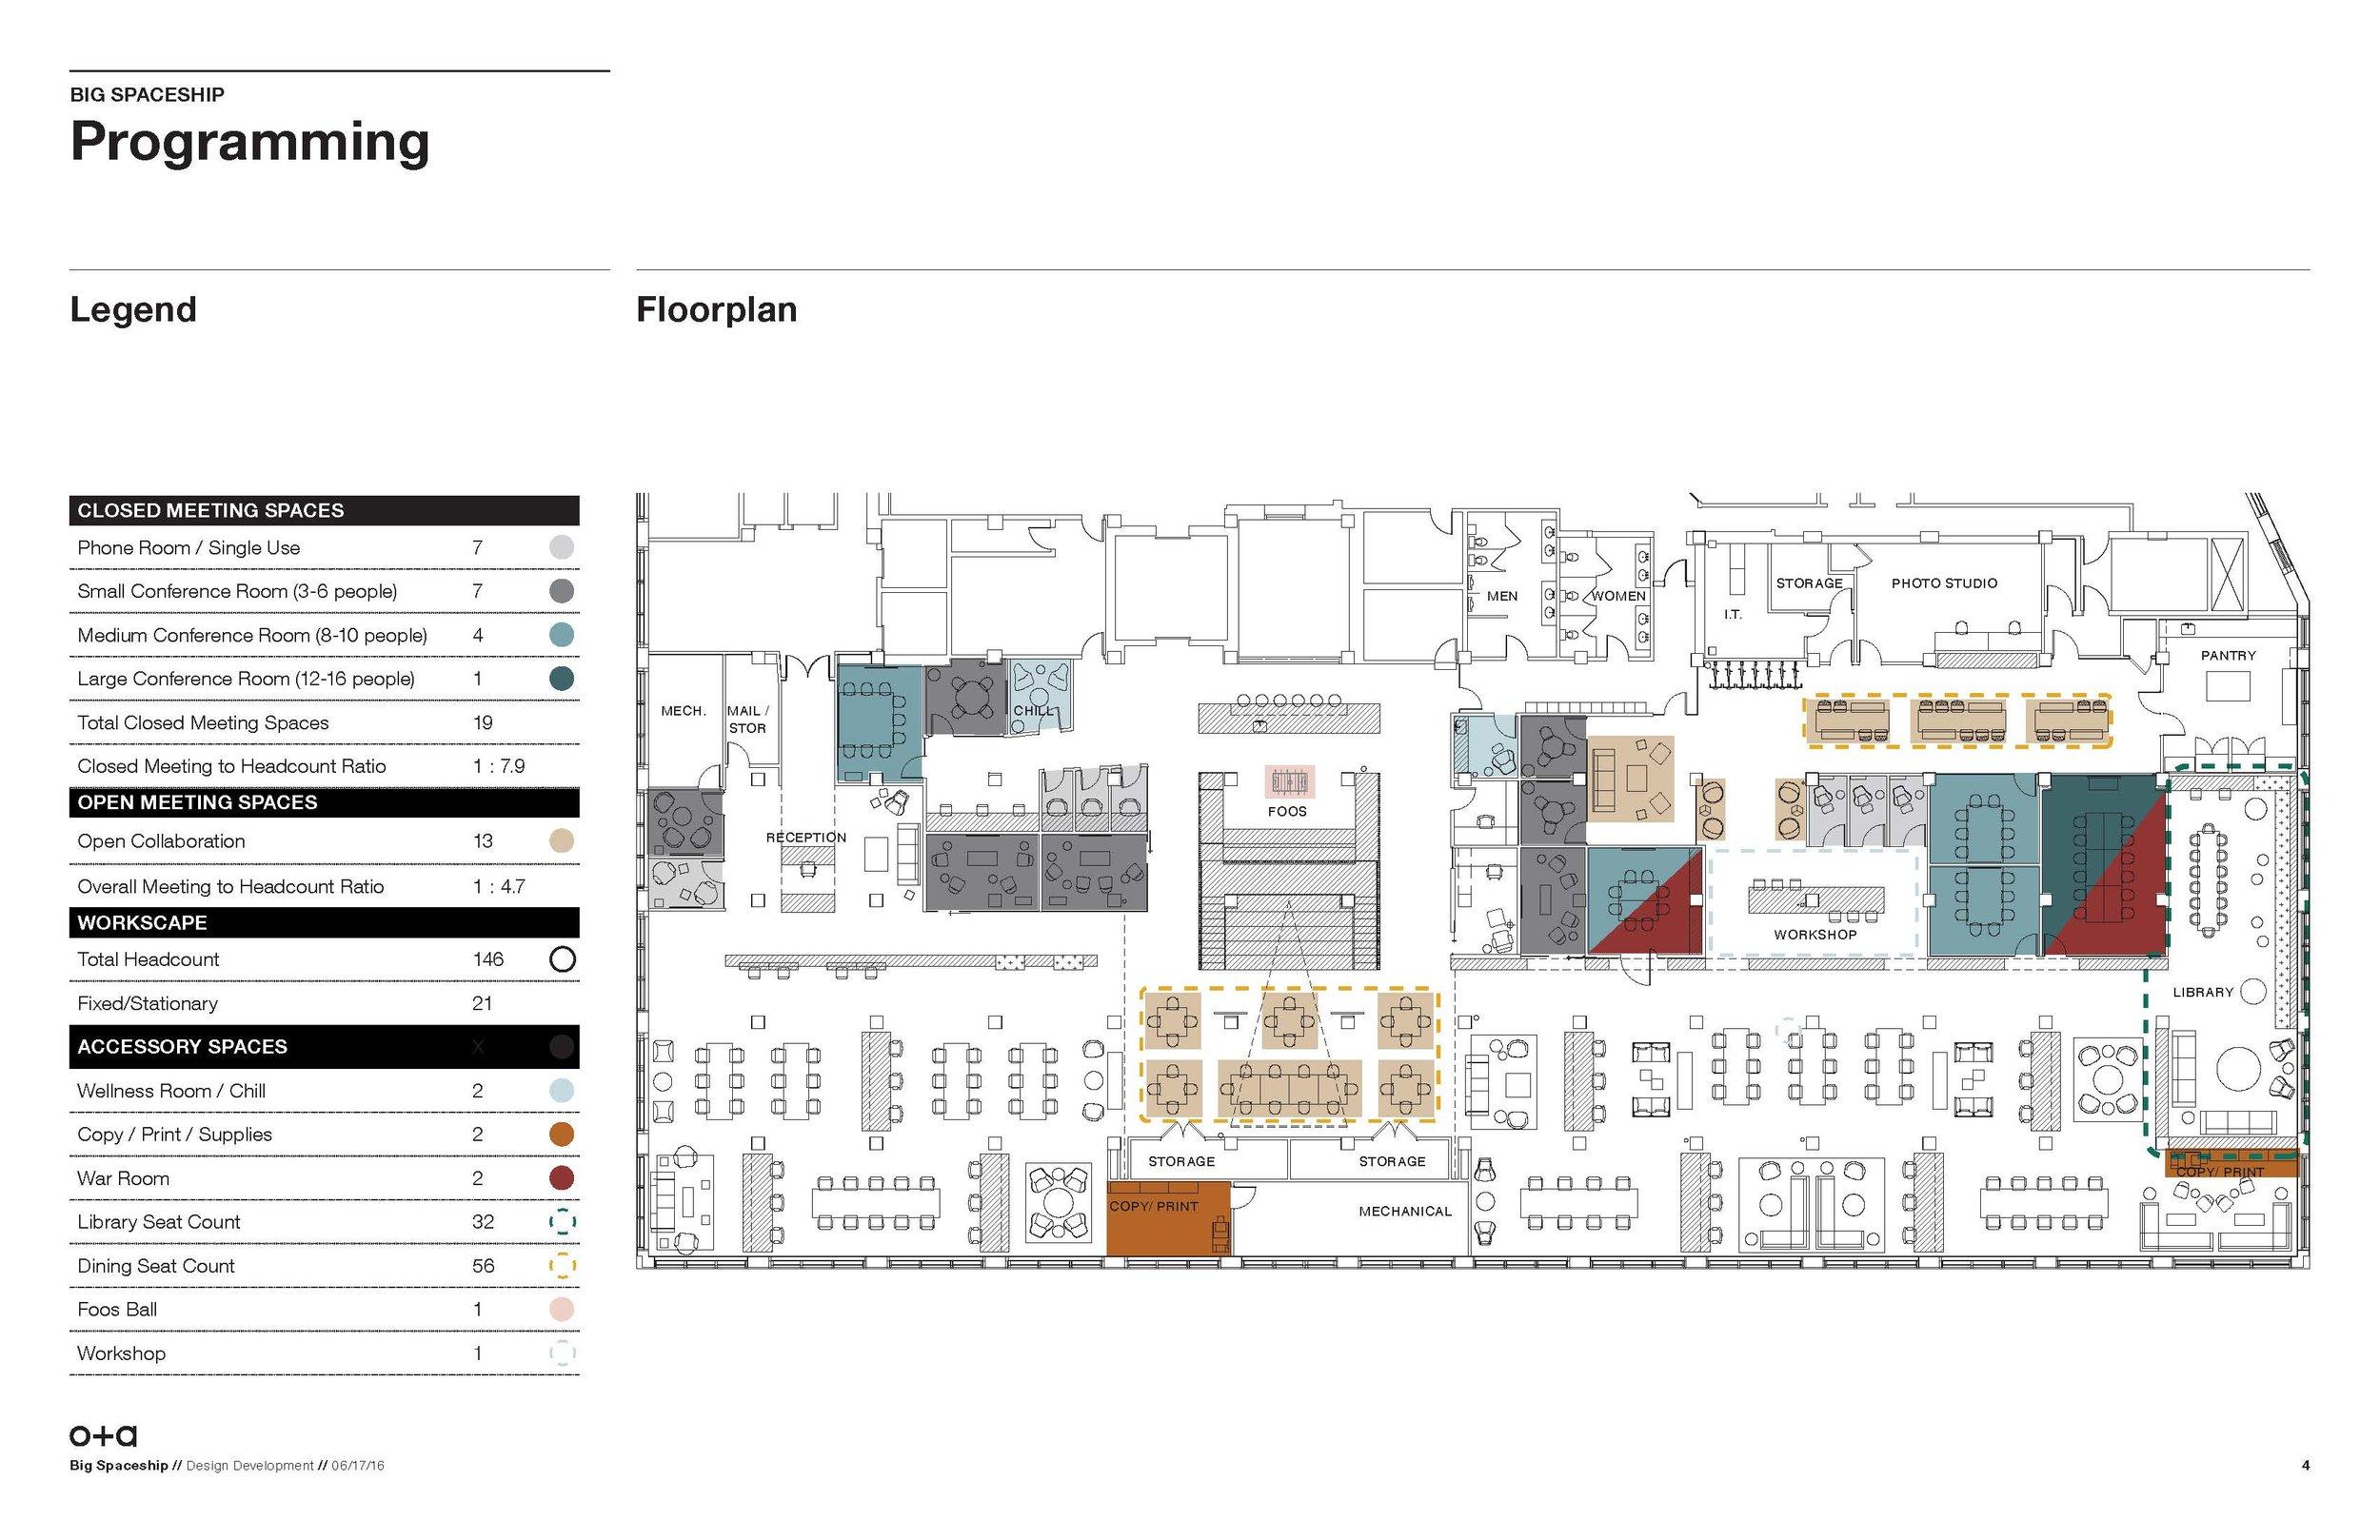 16_0617_BigSpaceship_DesignDevelopment_Page_04.jpg